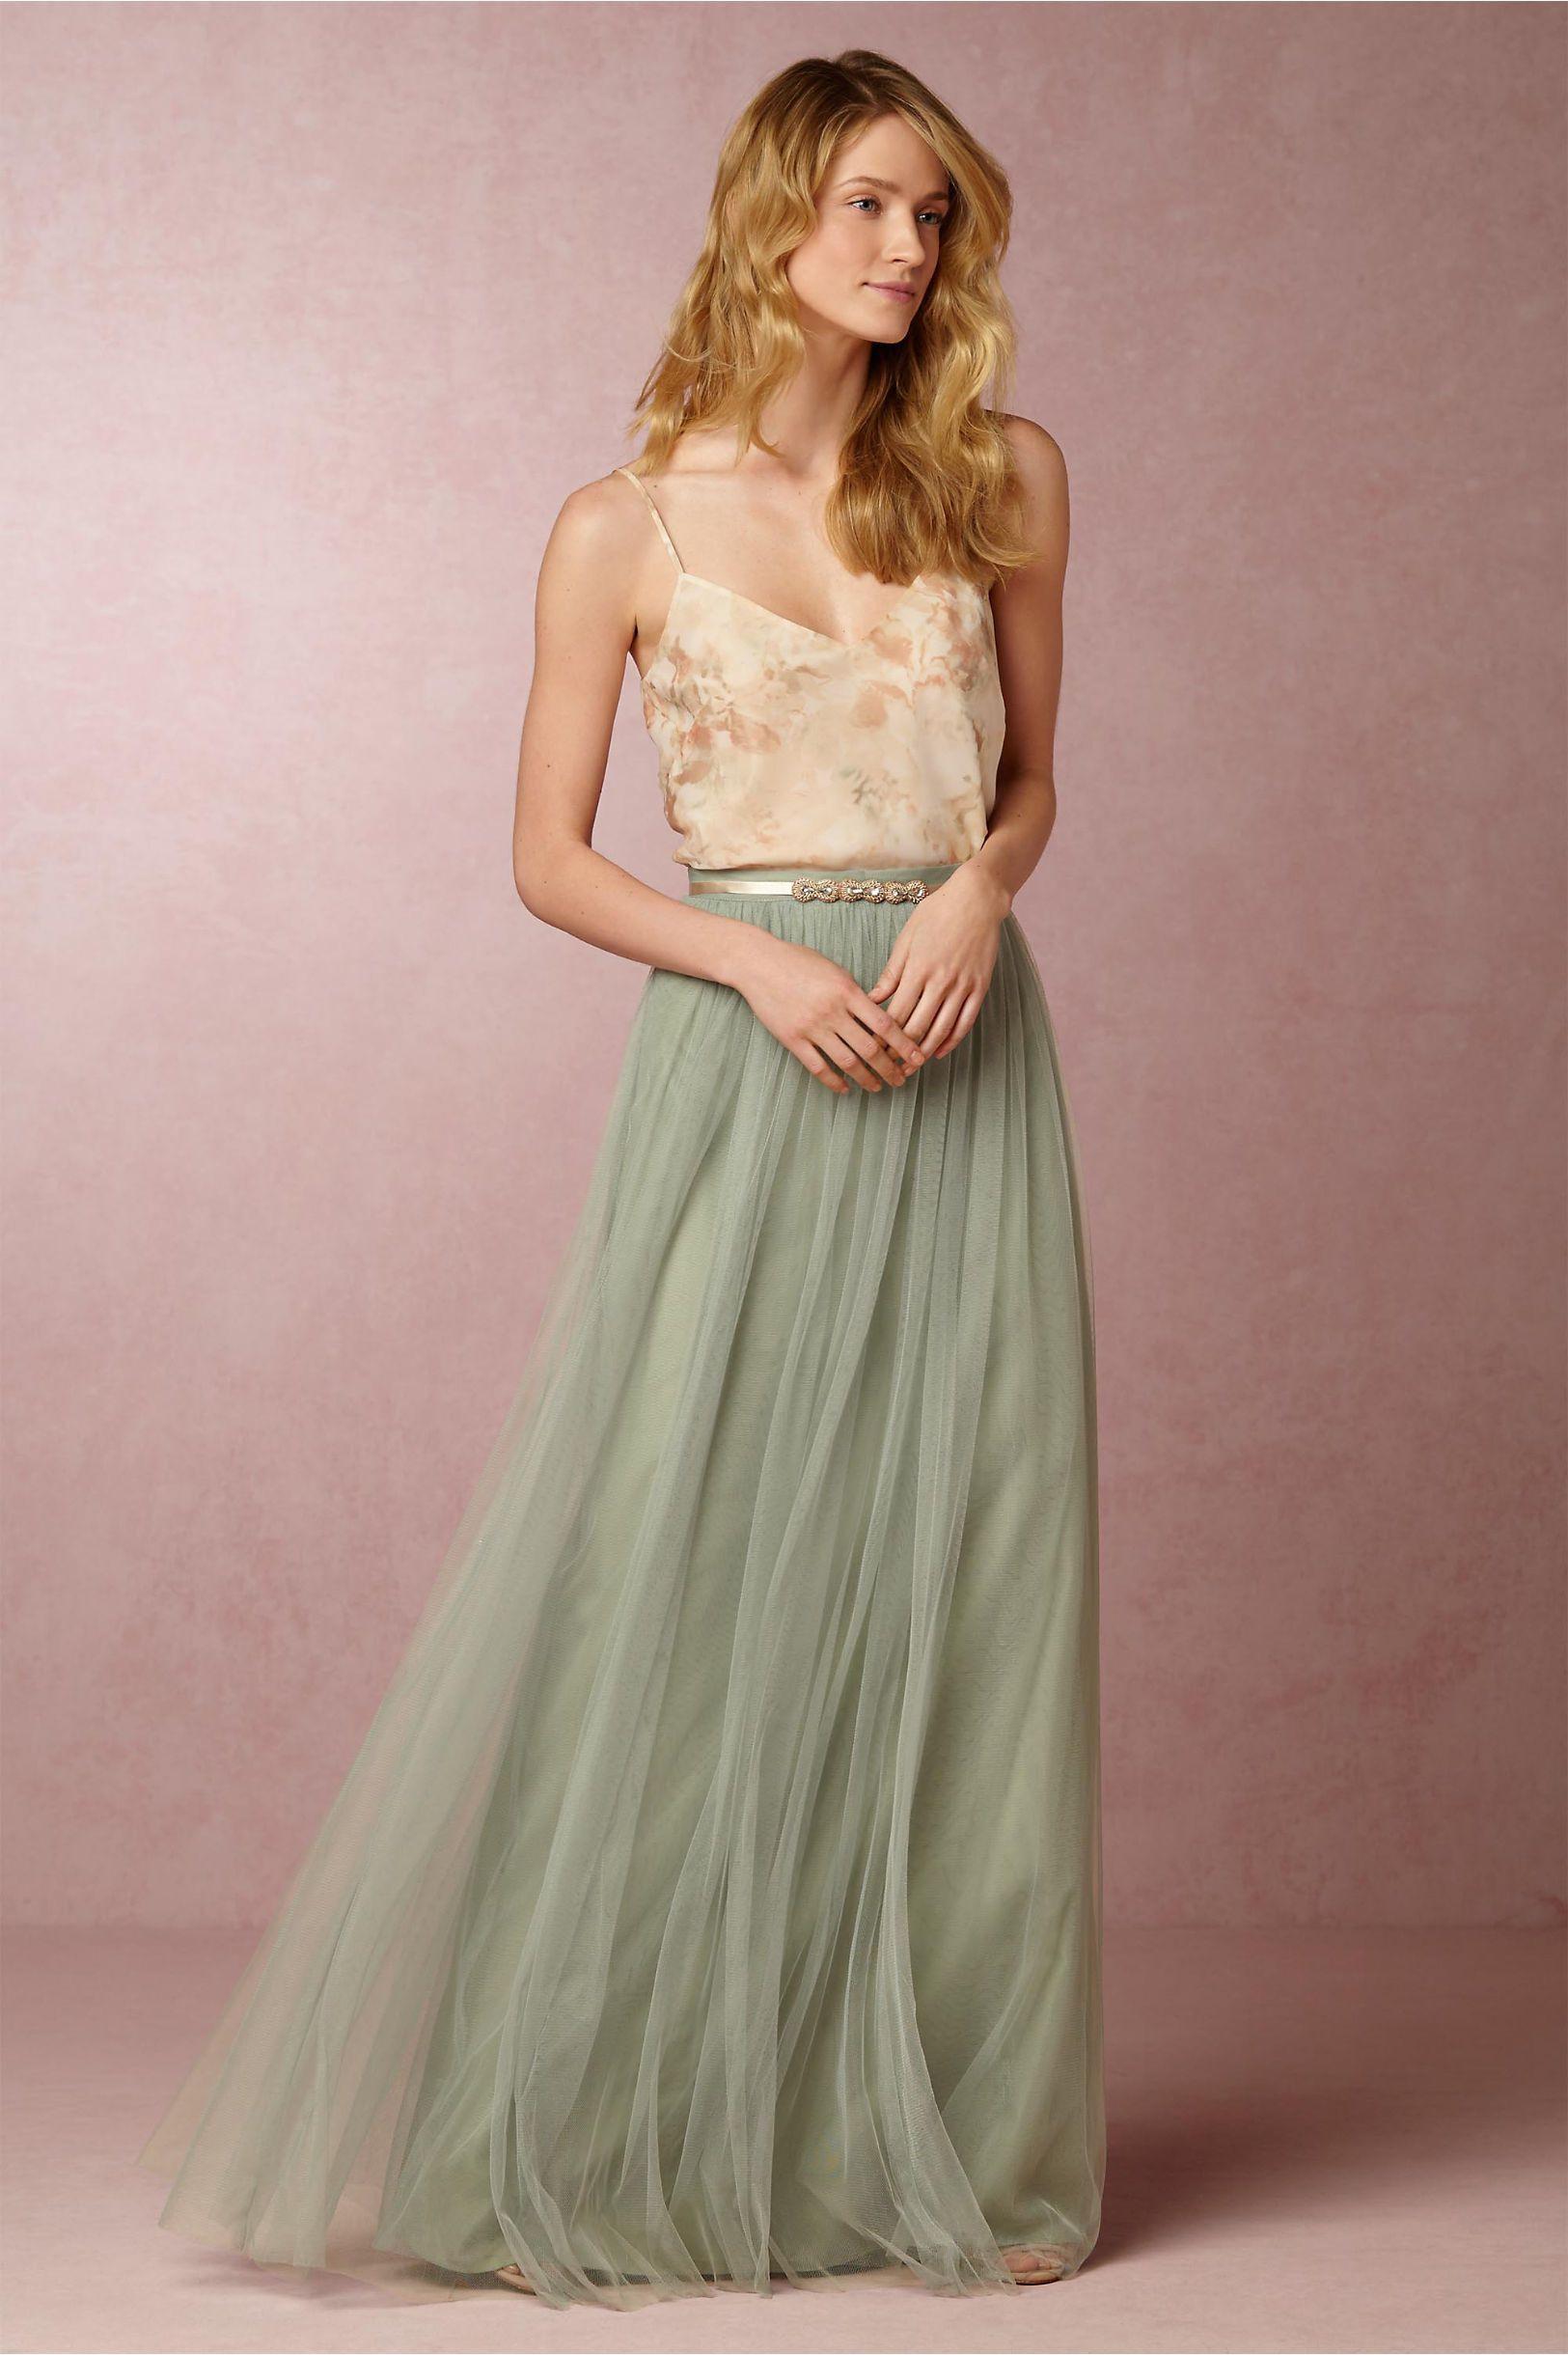 Abendkleider Hochzeit Gast | Trauzeugin Kleid, Outfit